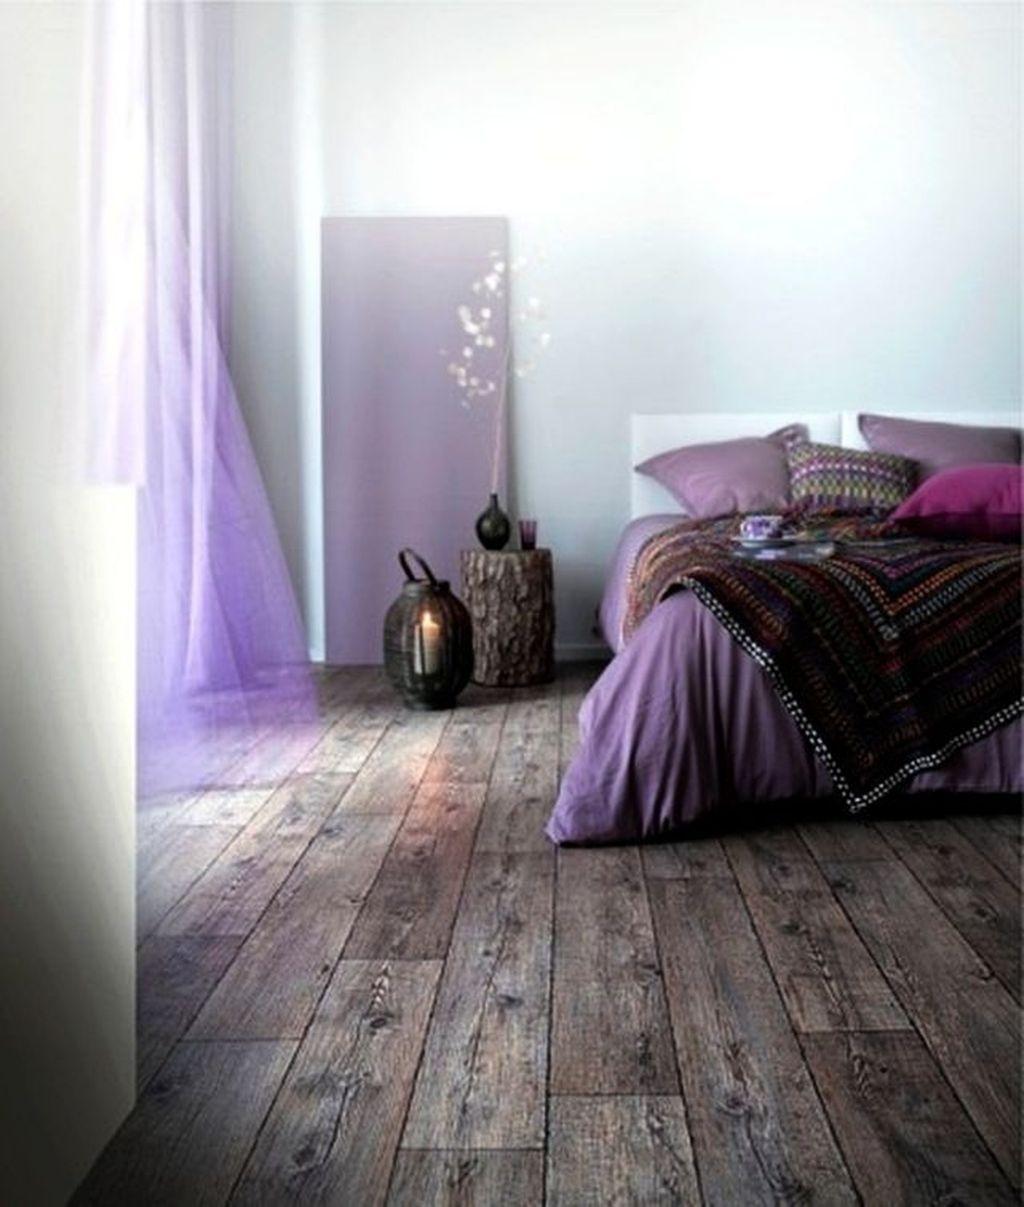 Inspiring Rustic Wooden Floor Living Room Design10